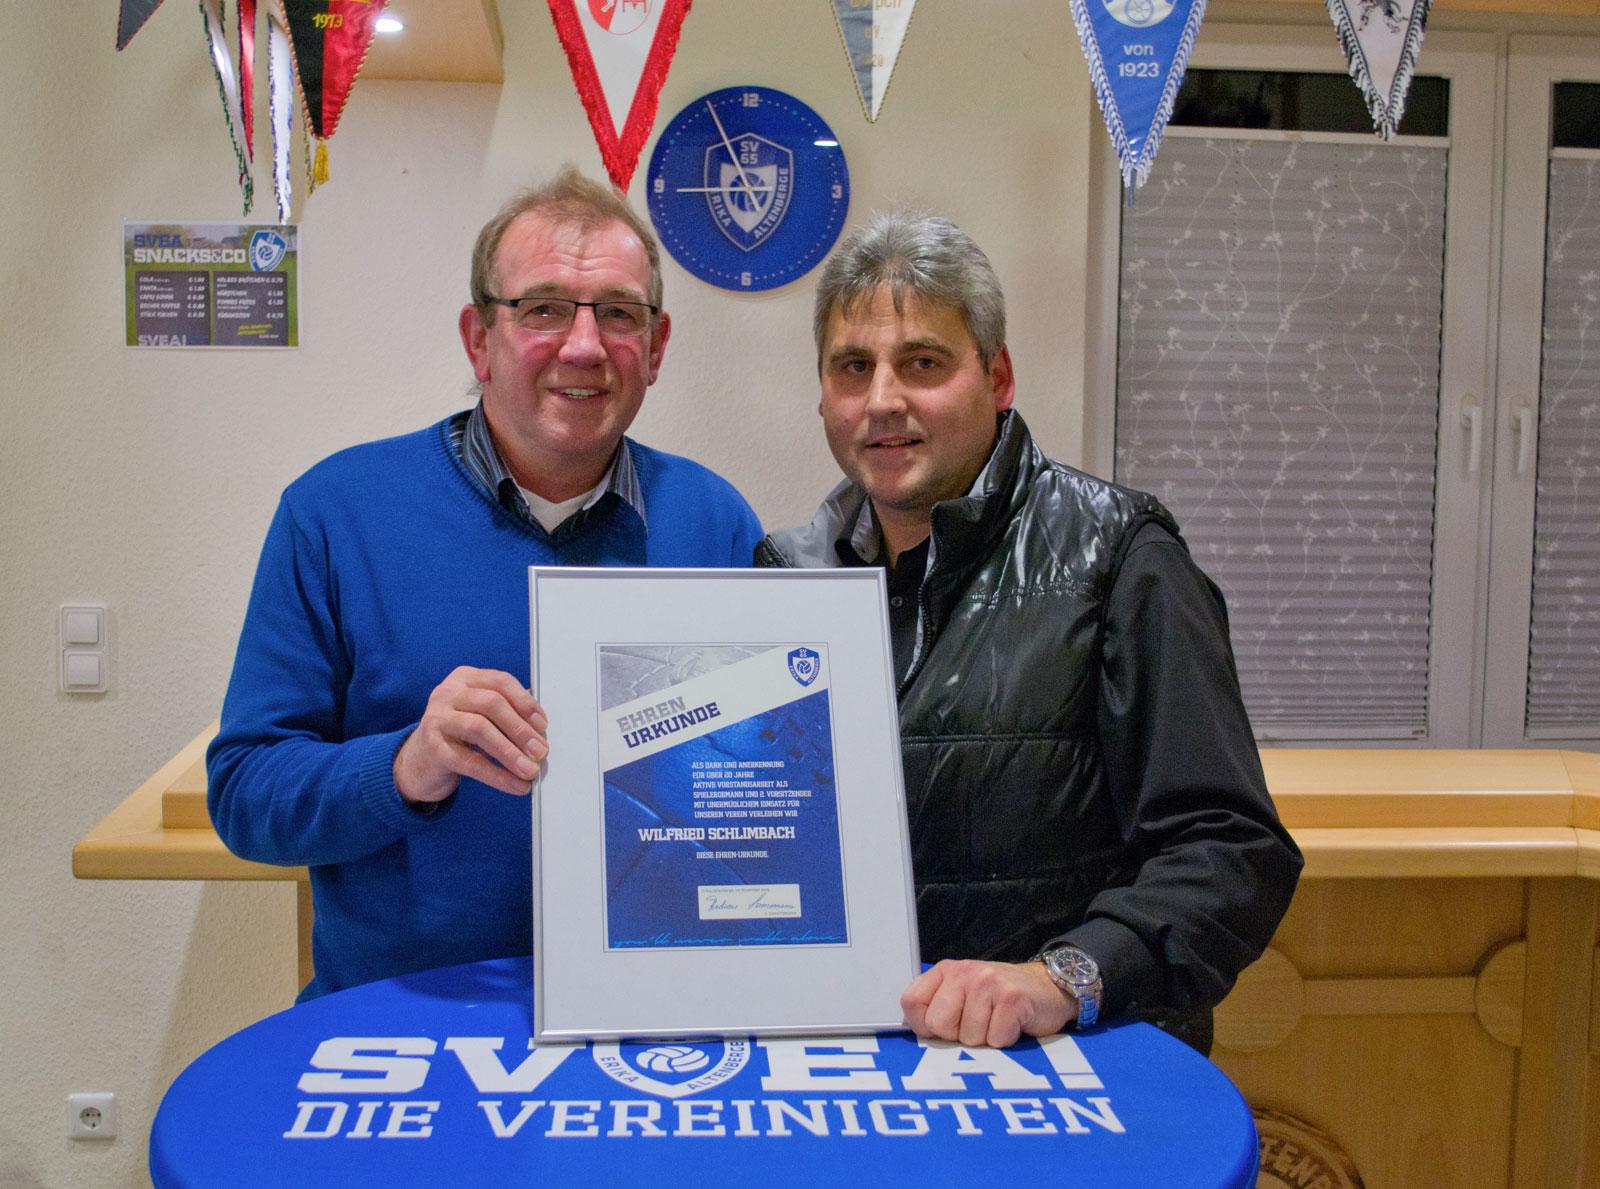 Wilfried Schlimbach, der sich nach jahrzehntelanger vielfältiger Tätigkeit für den Verein zurückzog.